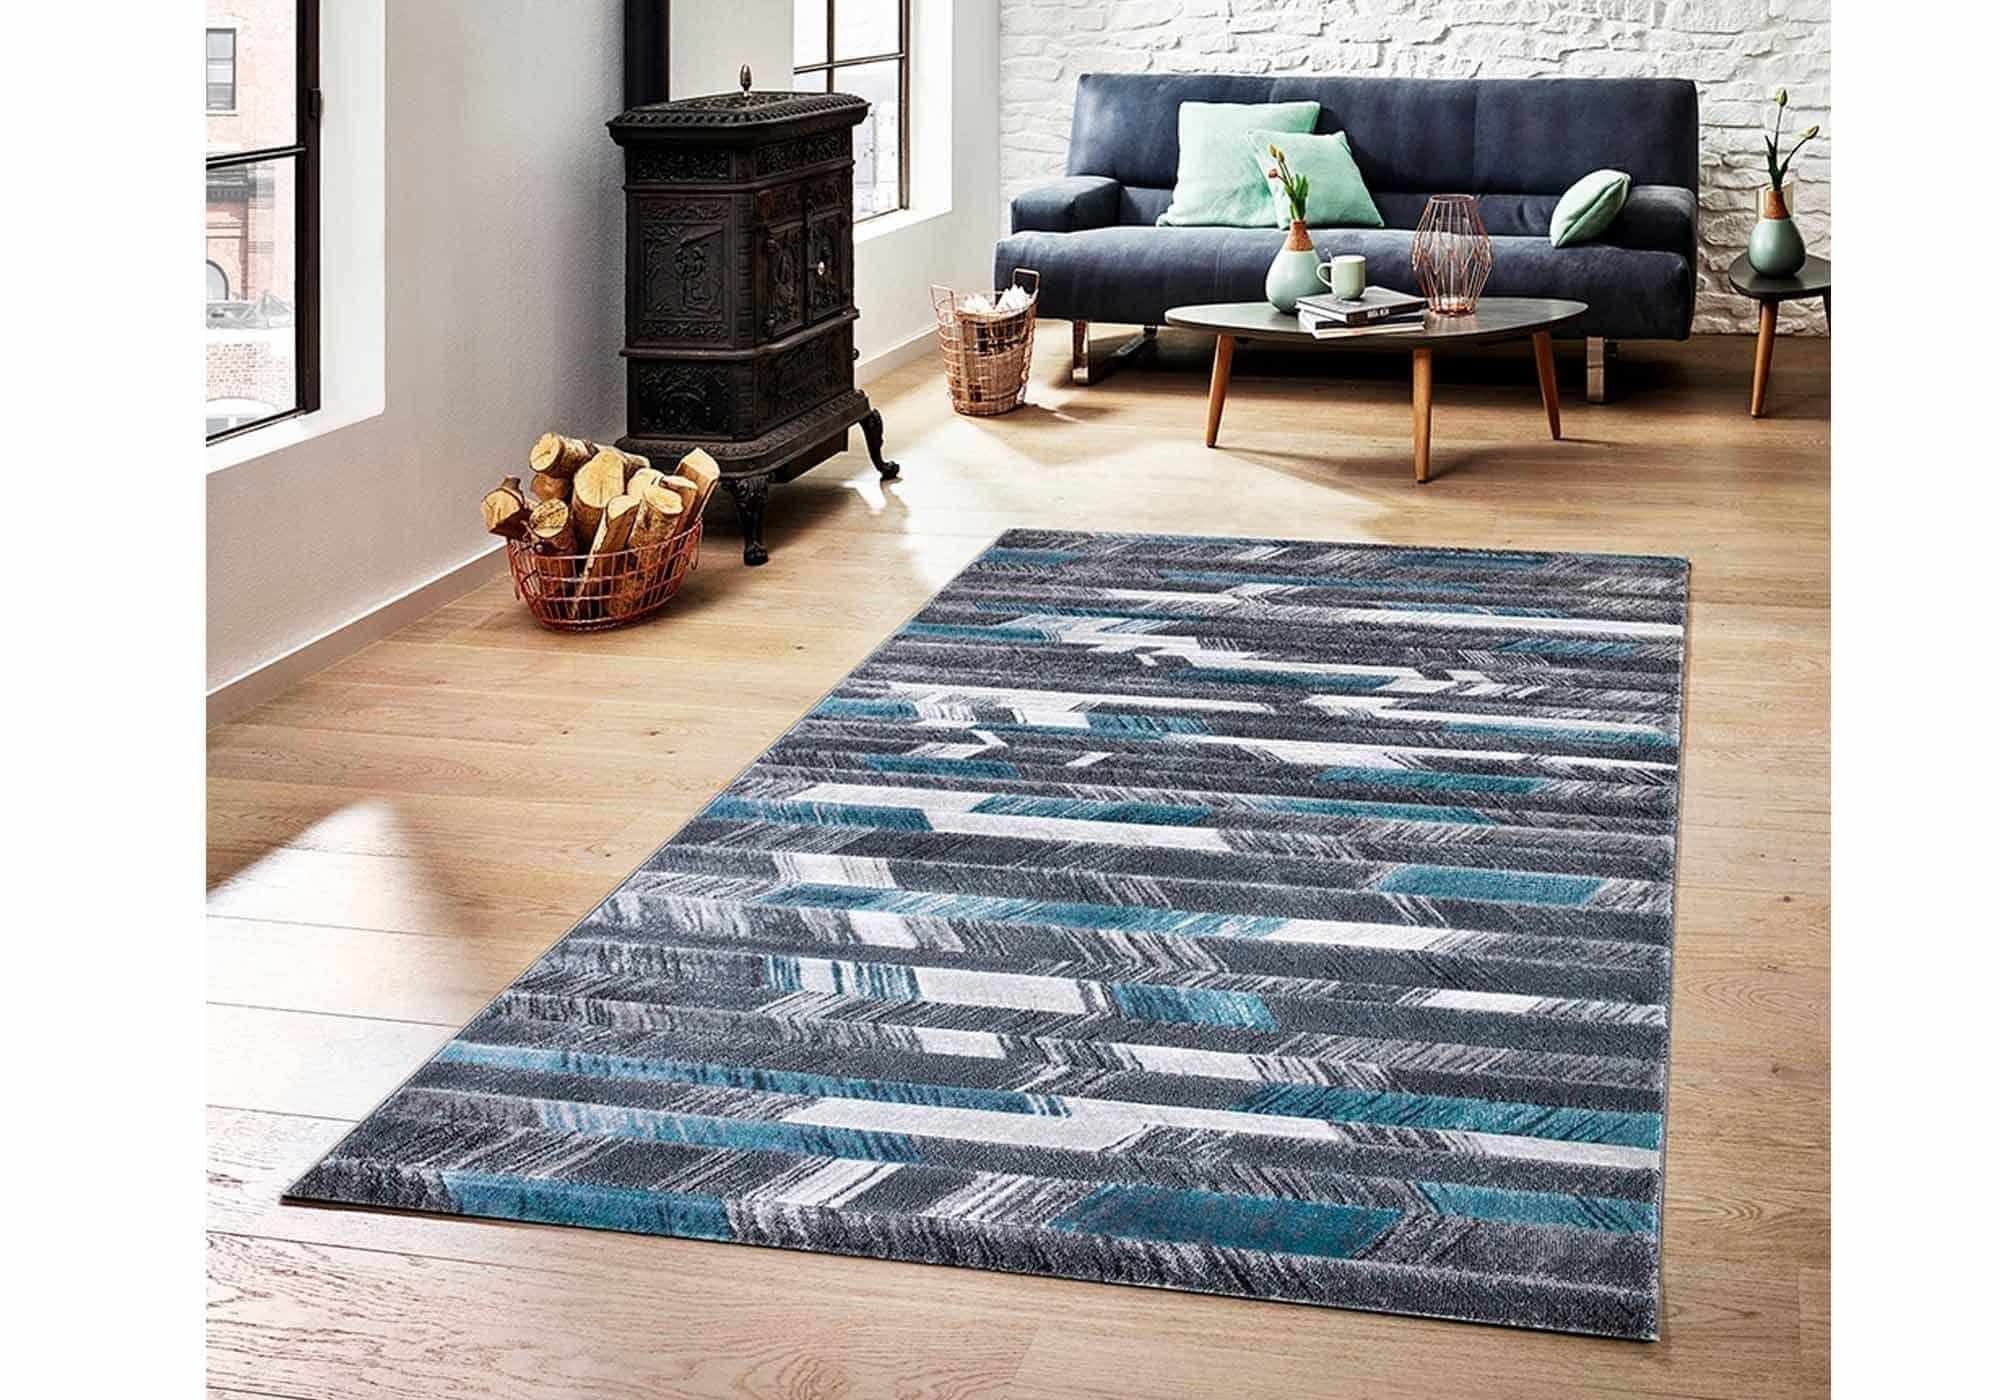 Teppich 120 x 170 cm - blau - Kurzflor - rechteckig - Mykonos